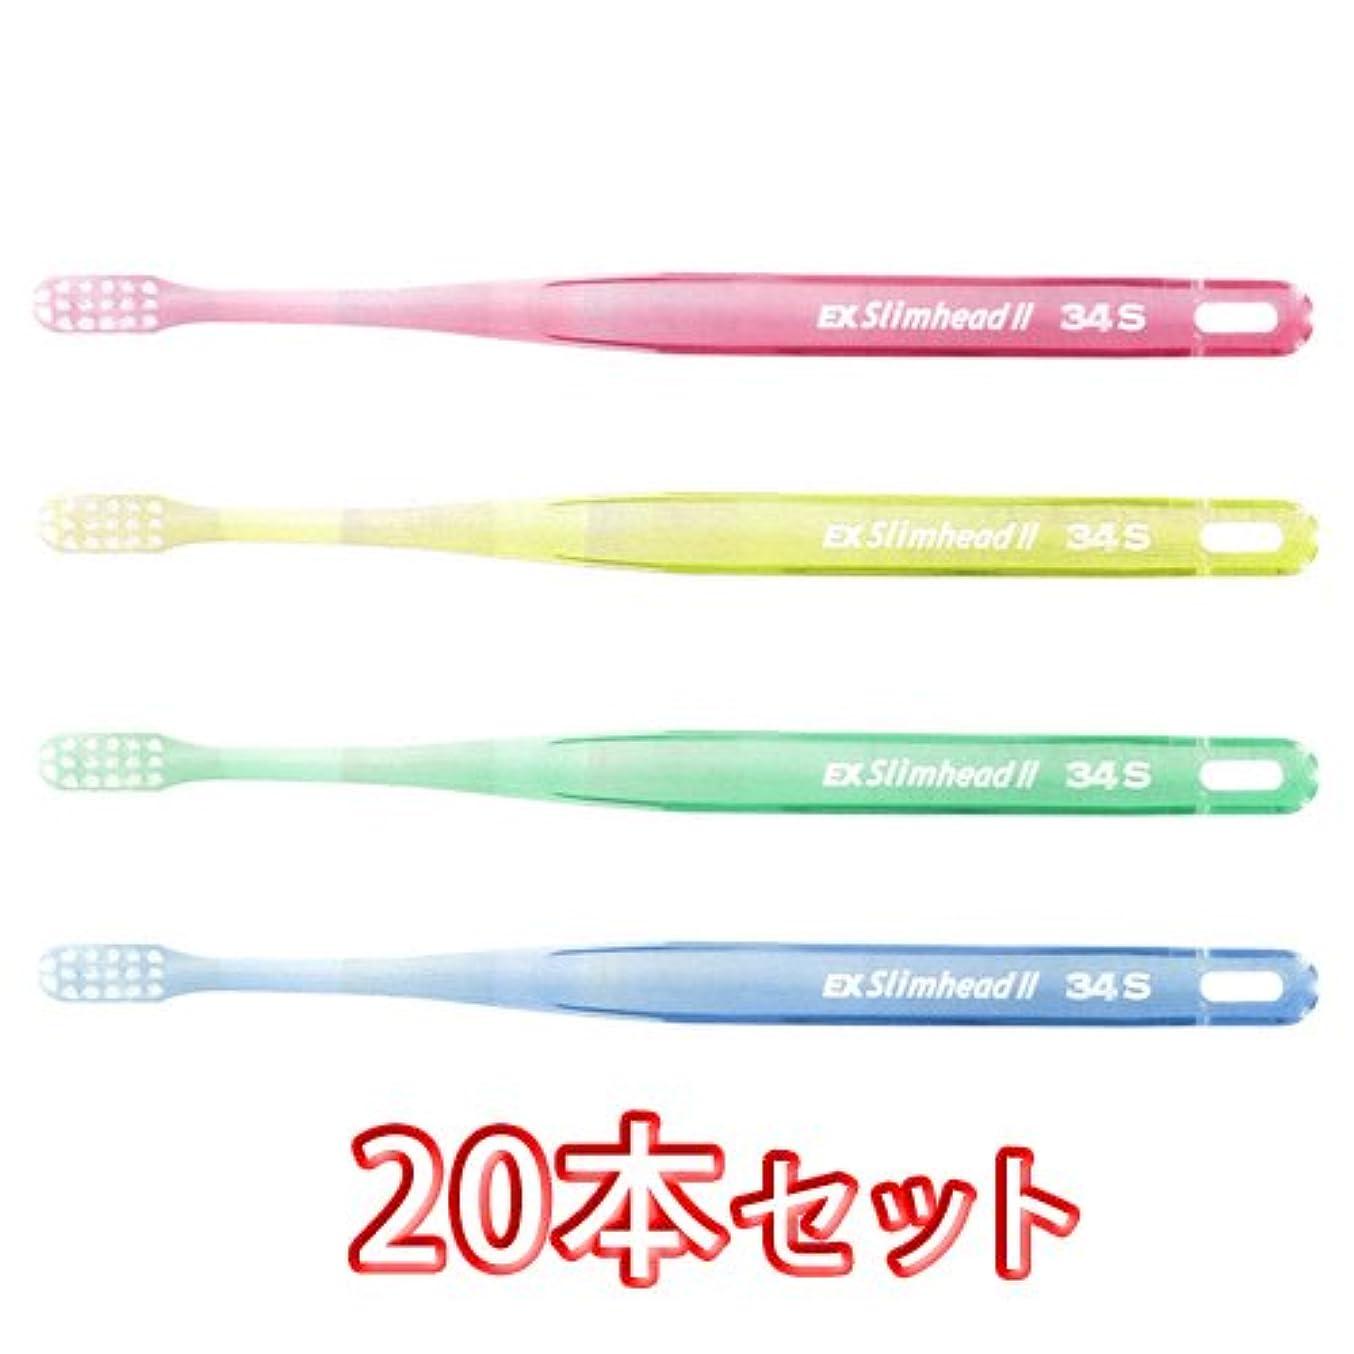 ビジョン弱点出血ライオン スリムヘッド2 歯ブラシ DENT . EX Slimhead2 20本入 (34S)